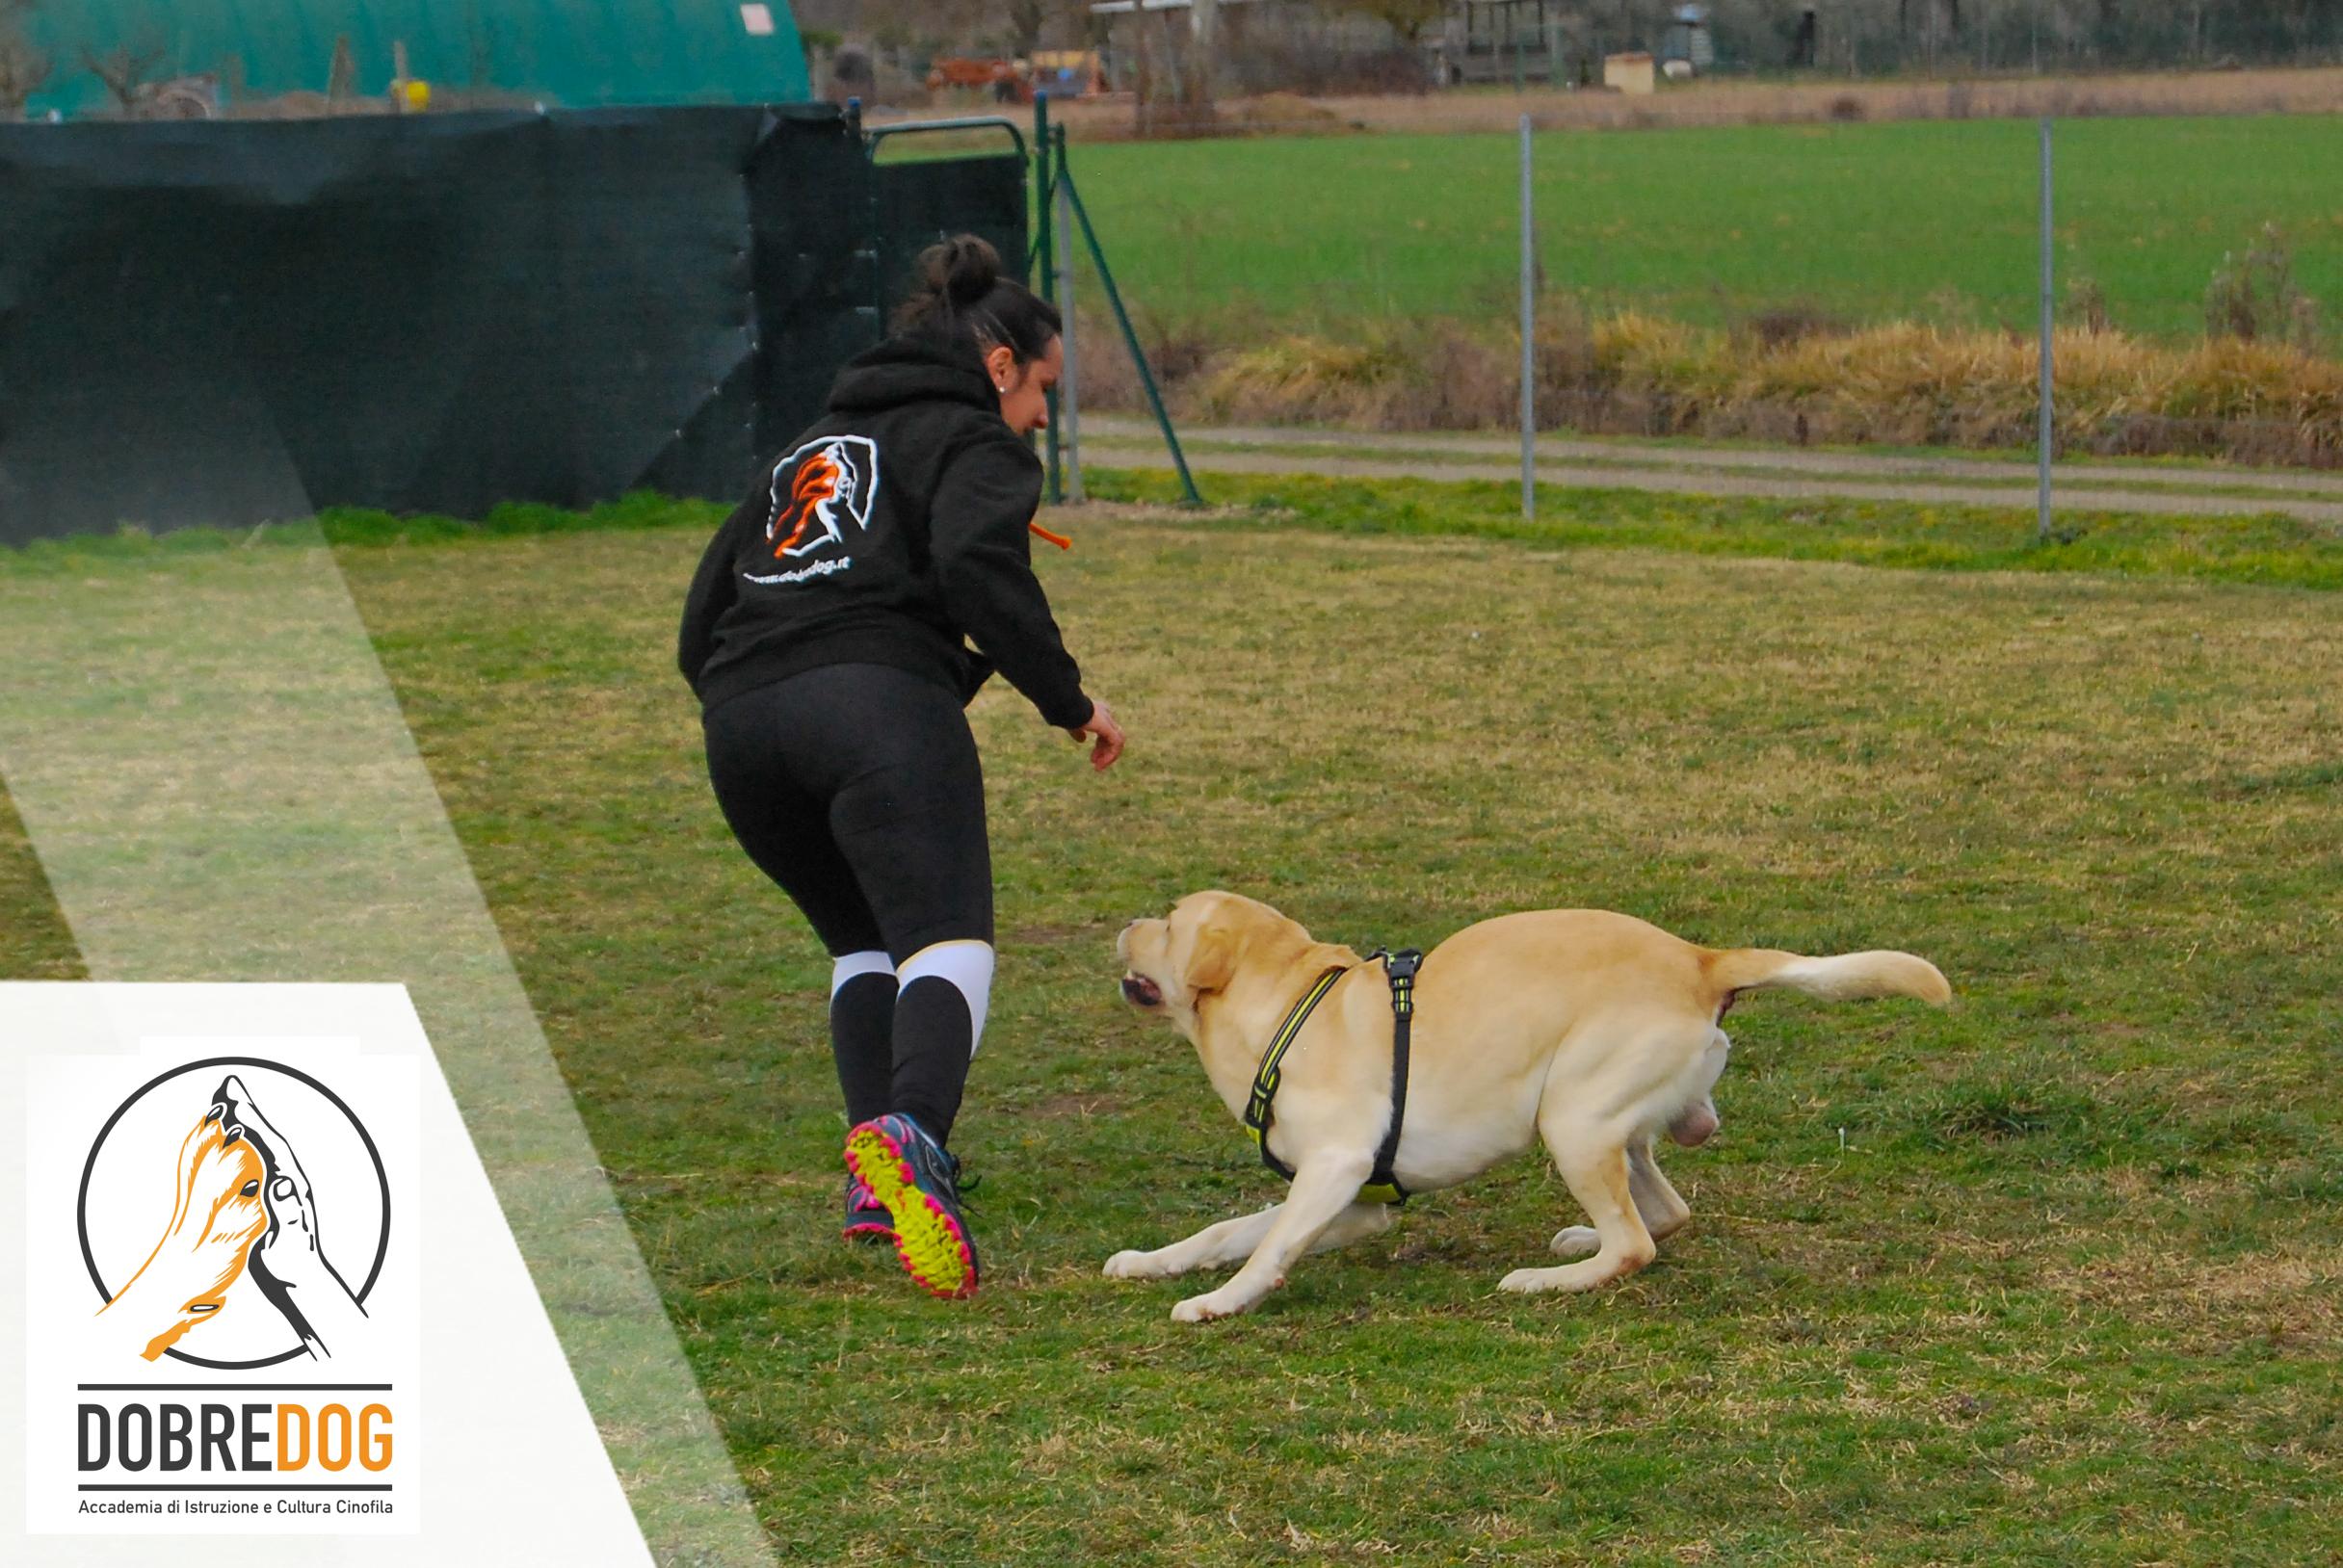 Signora e il suo cane che giocano durante il seminario gioco e motivazione svoltosi presso il centro cinofilo dobredog